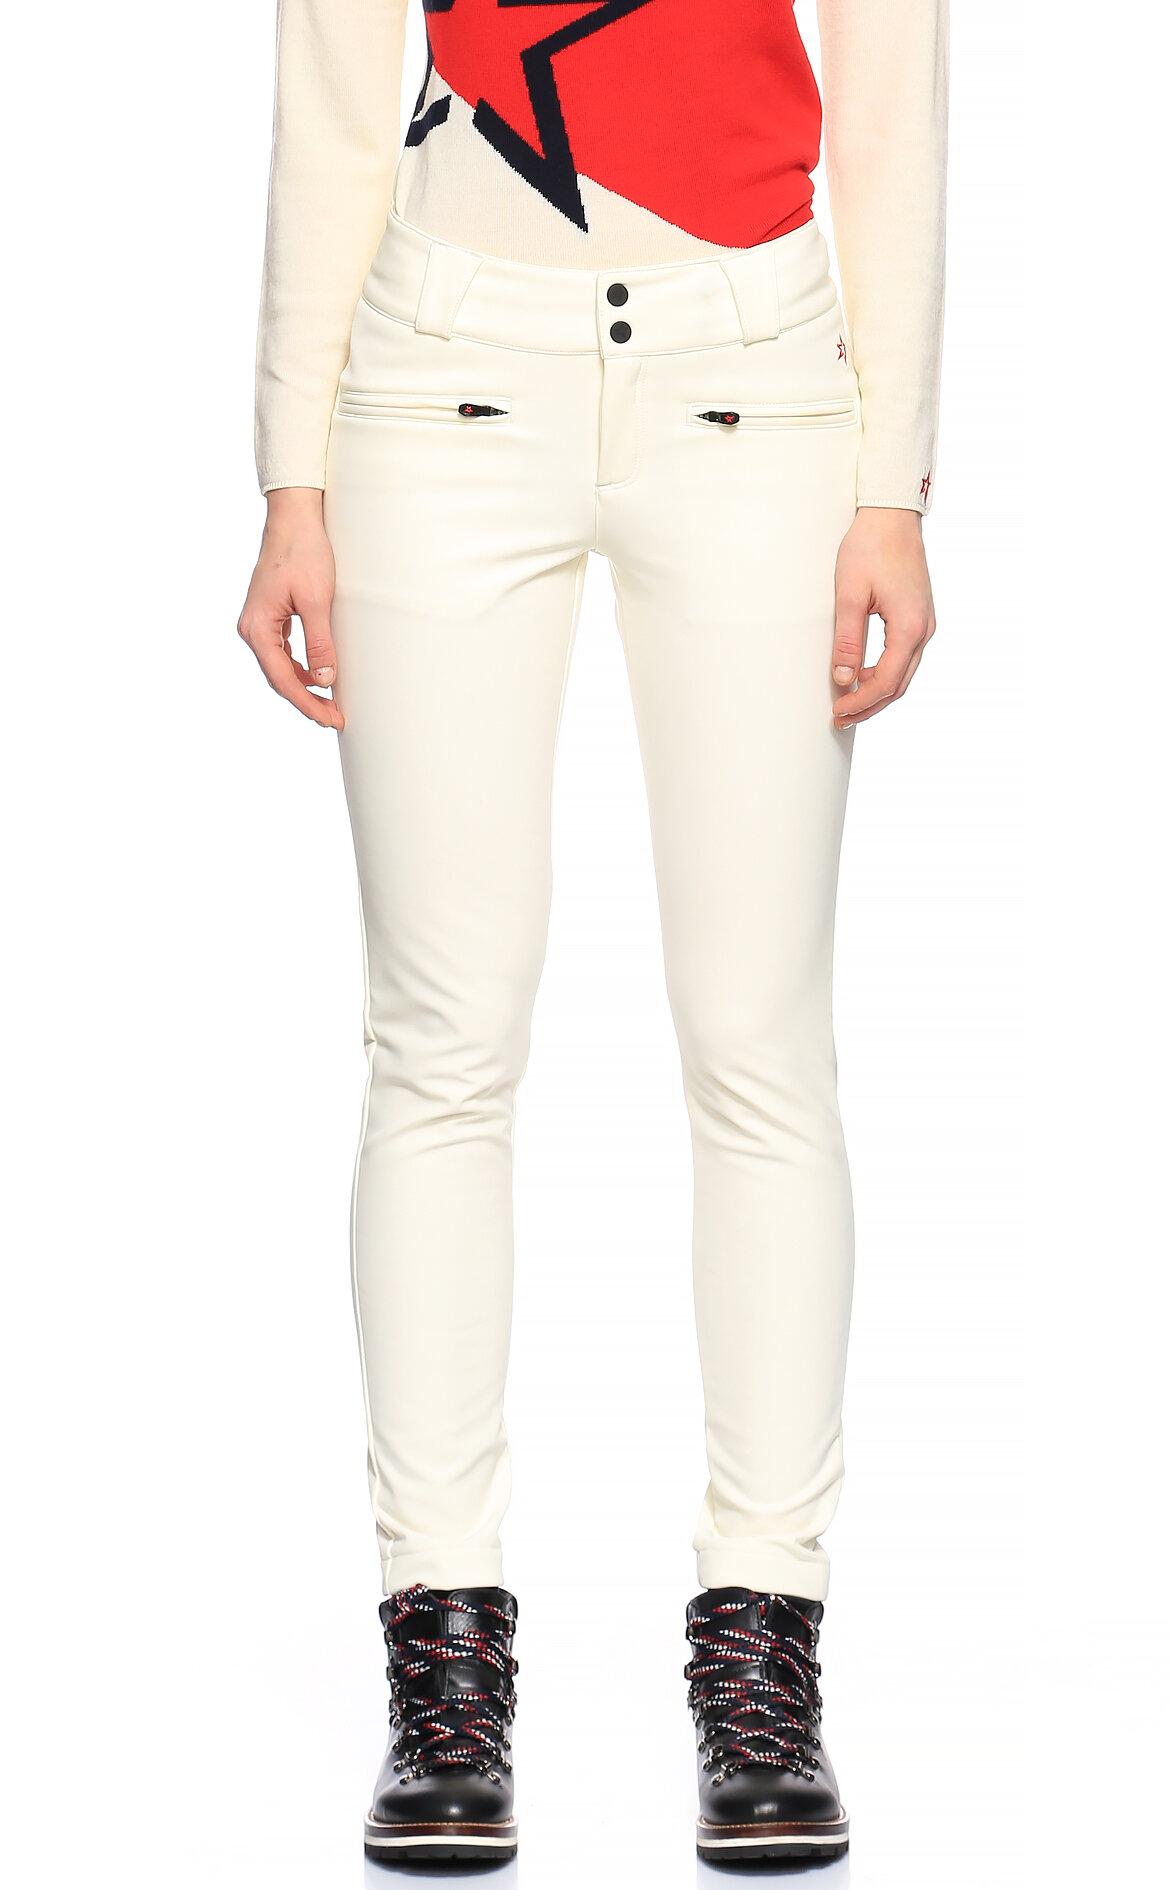 Perfect Moment-Perfect Moment Beyaz Kayak Pantolonu